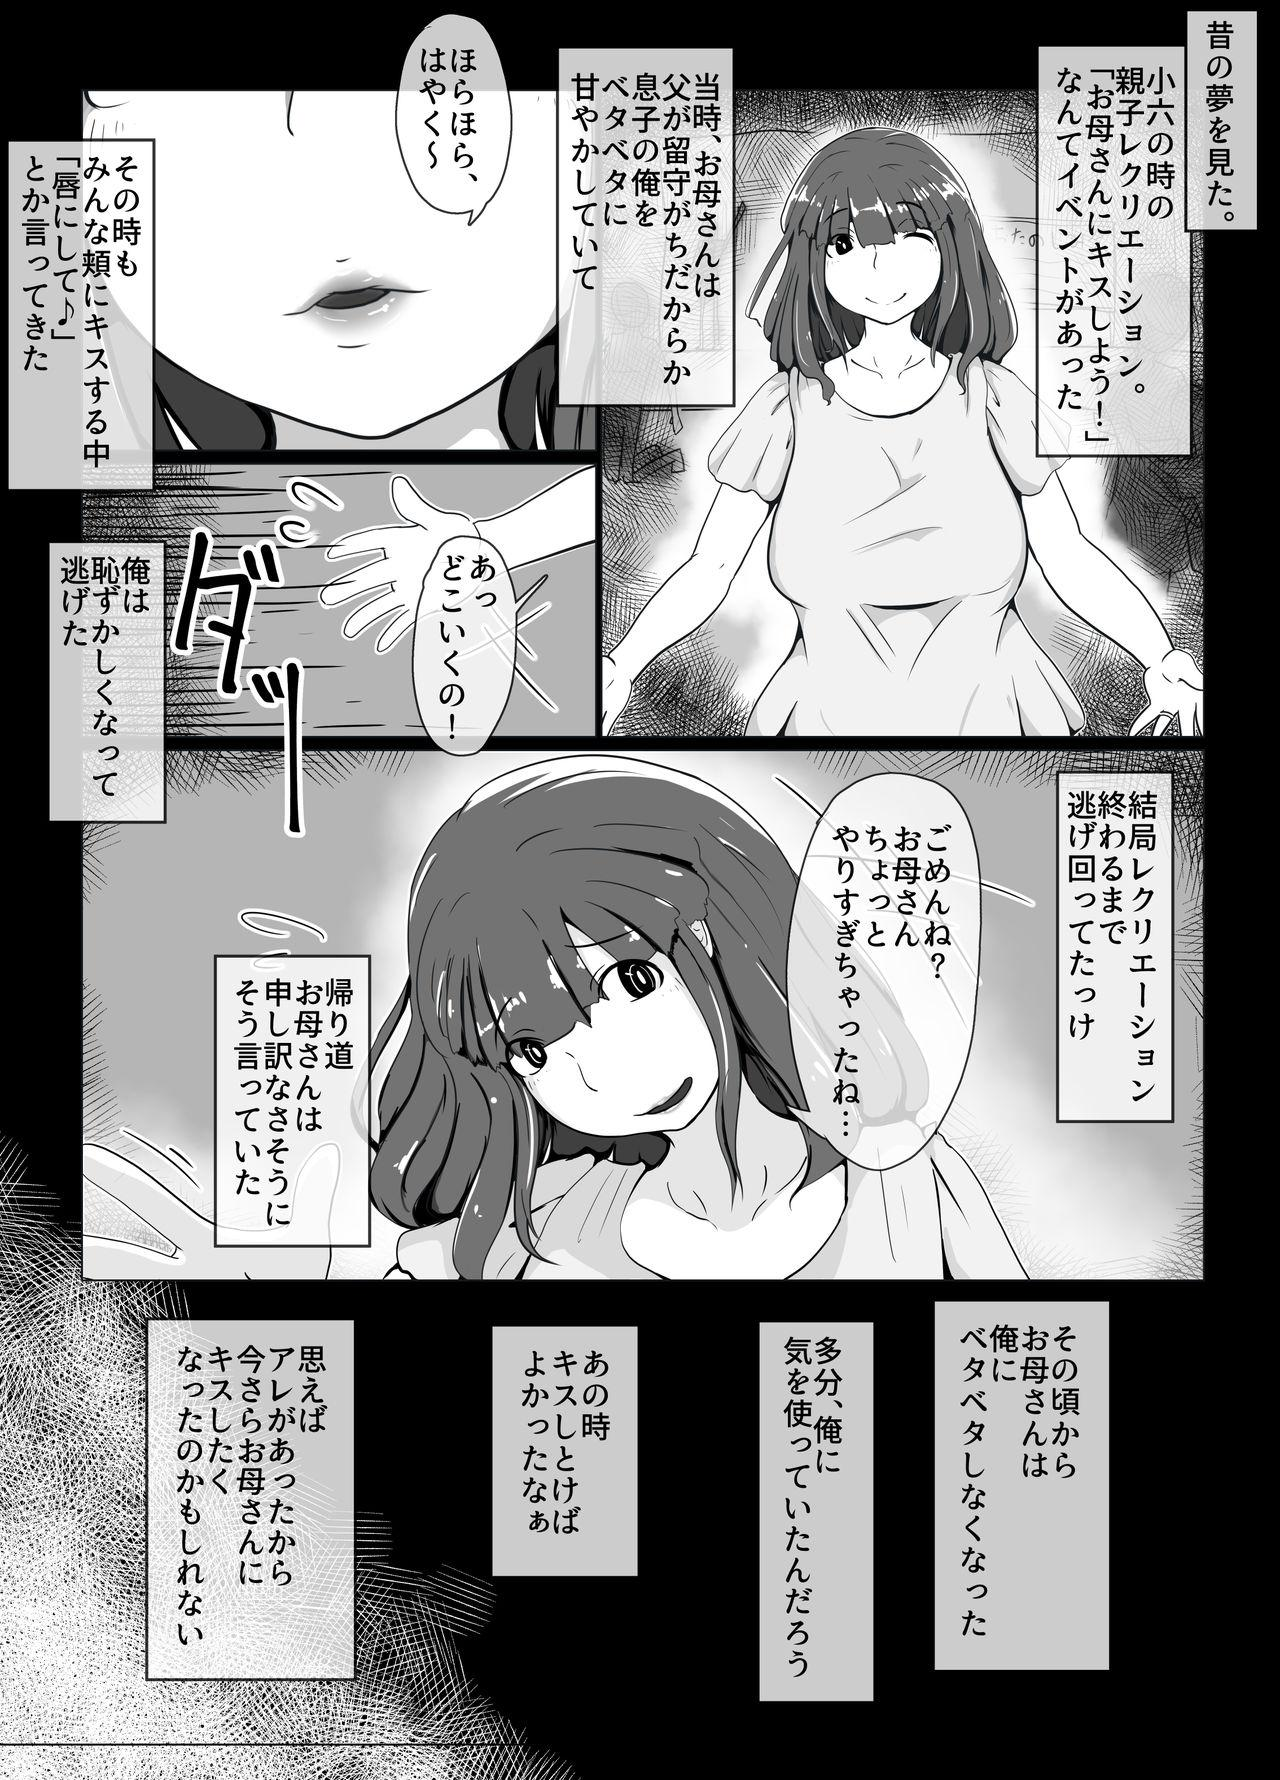 Okaa-san to Kiss Shiyou 10